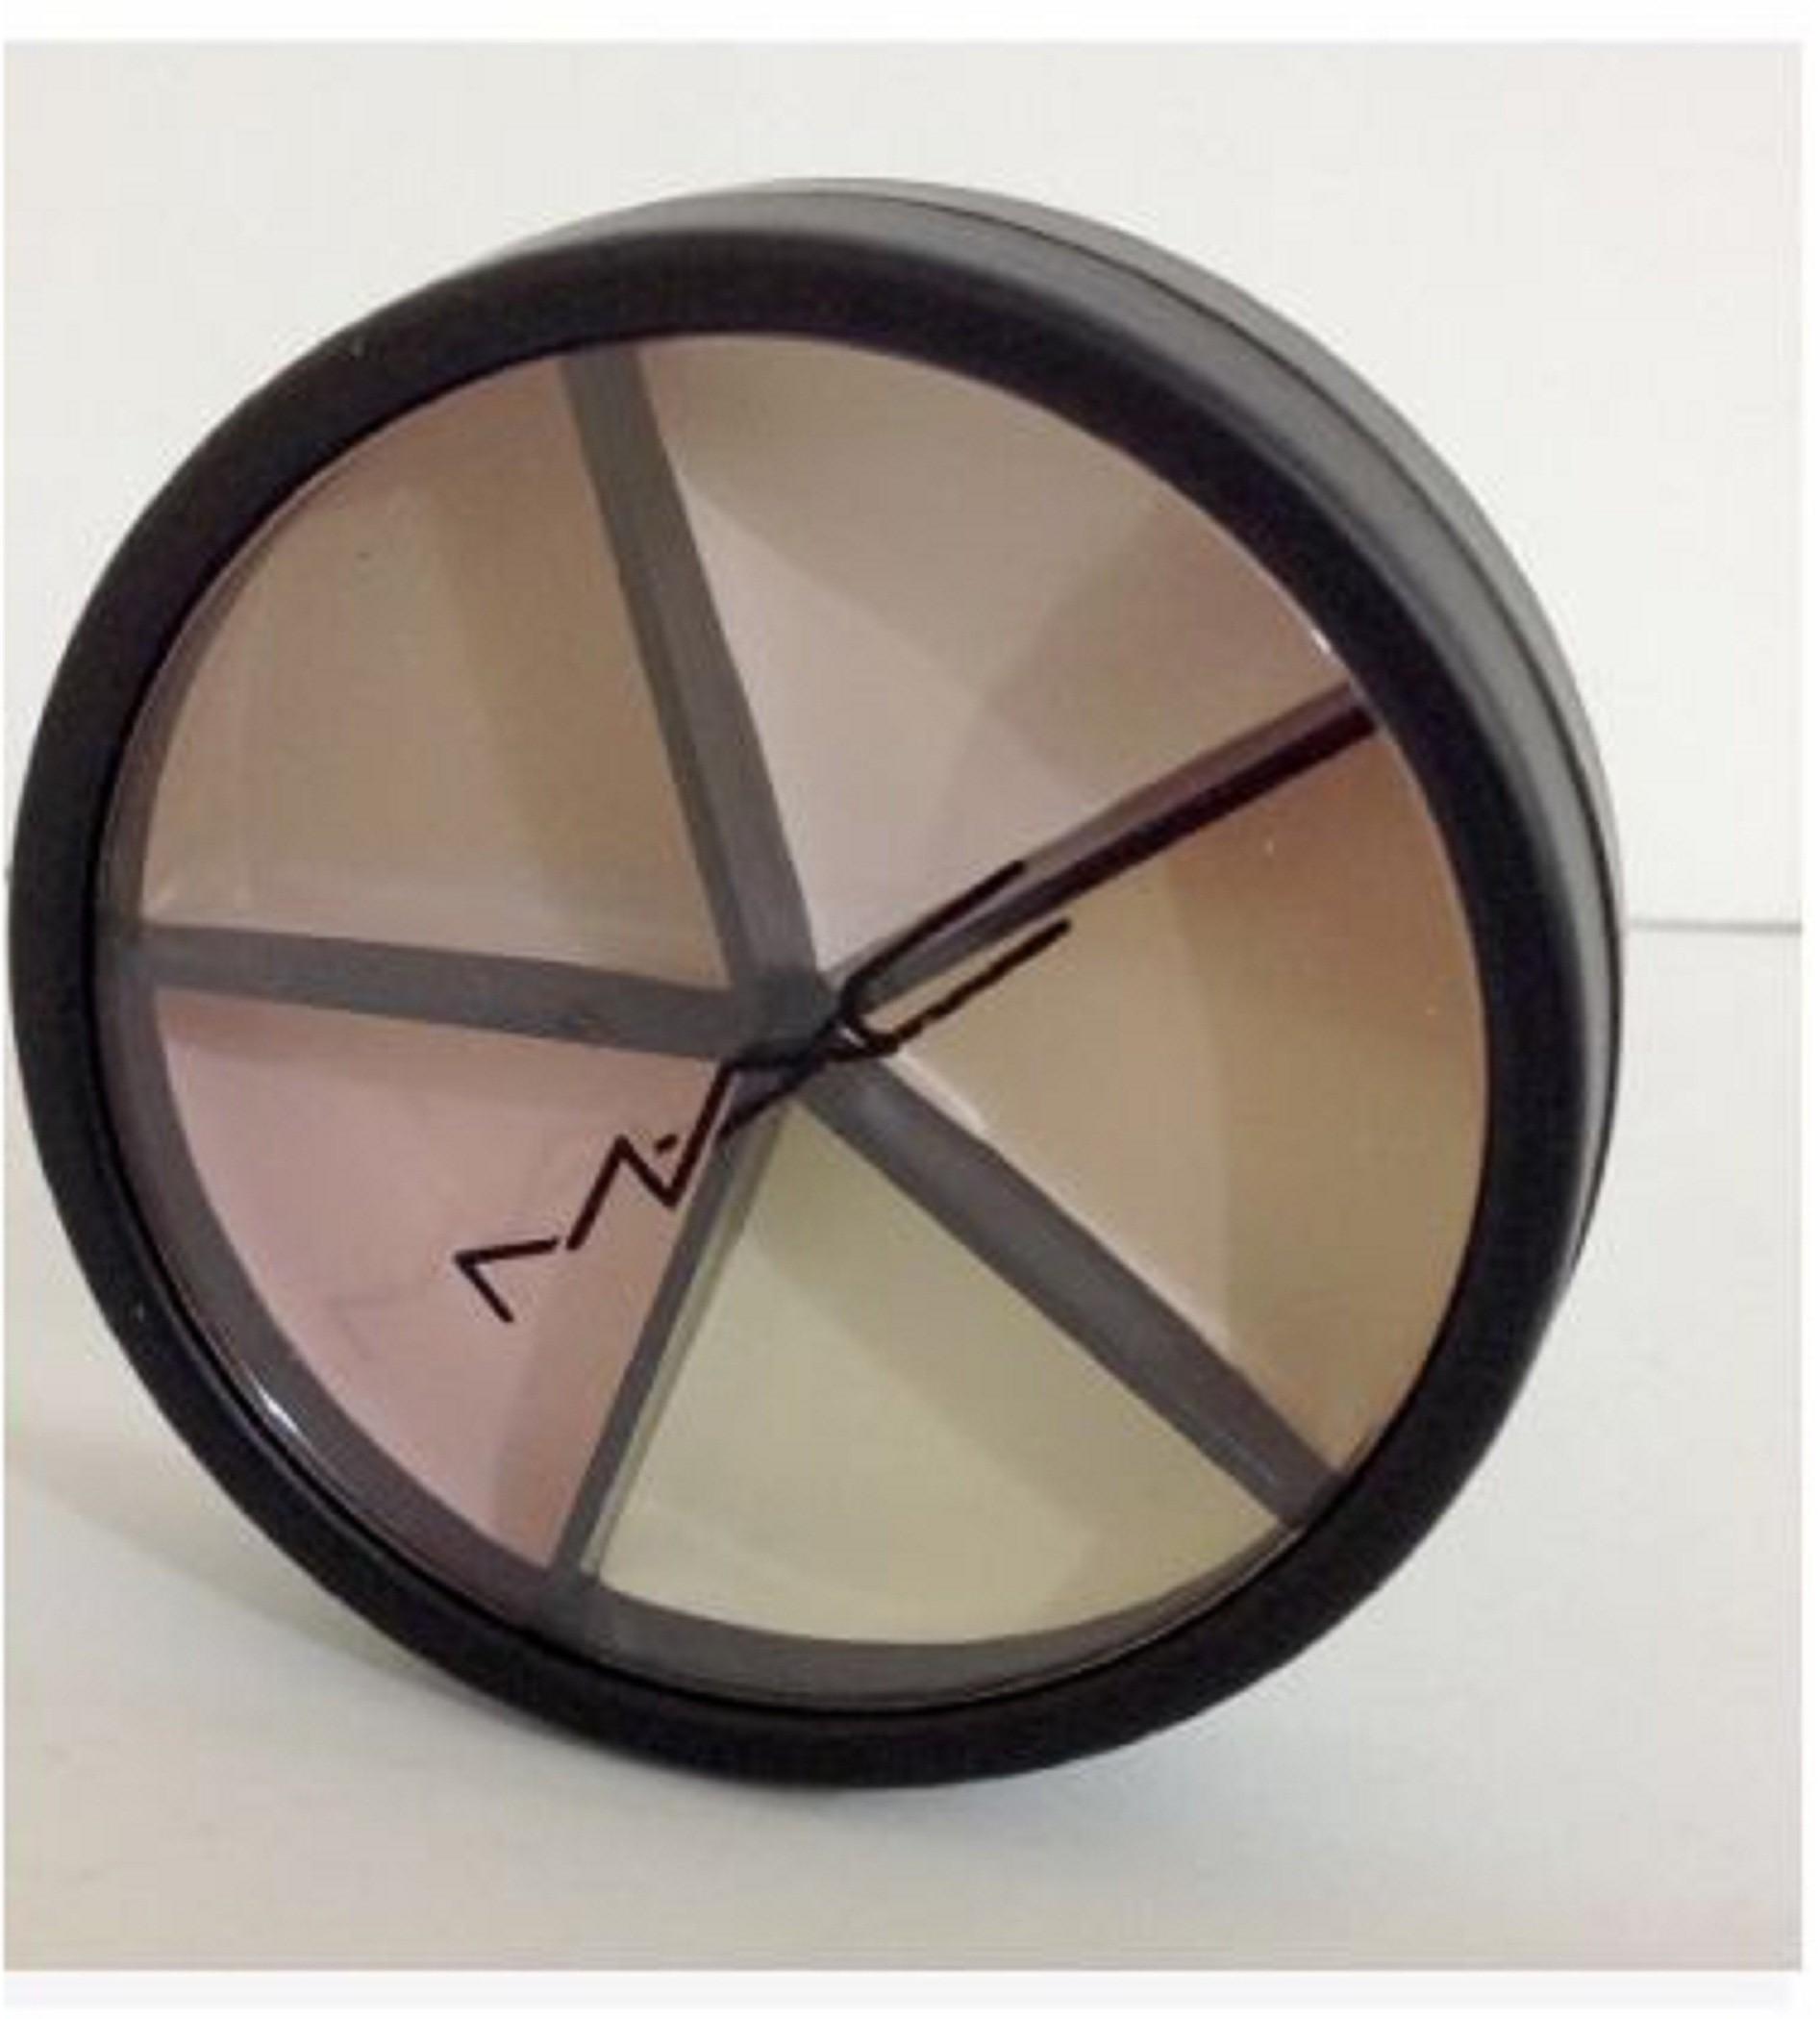 MAC mac pro Concealer(pro concealer) Image